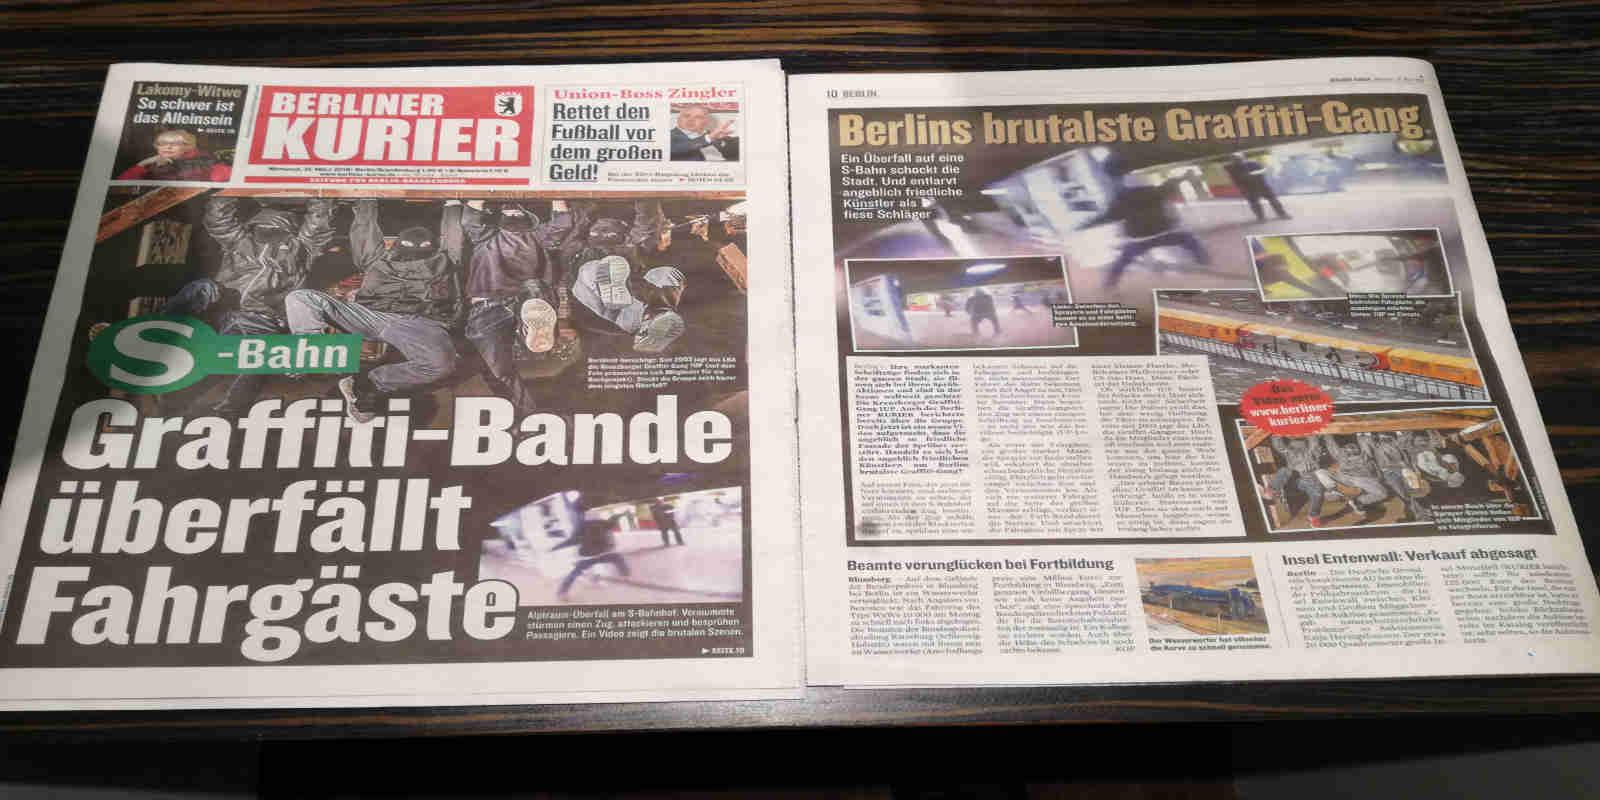 berliner-kurier-graffiti-bande